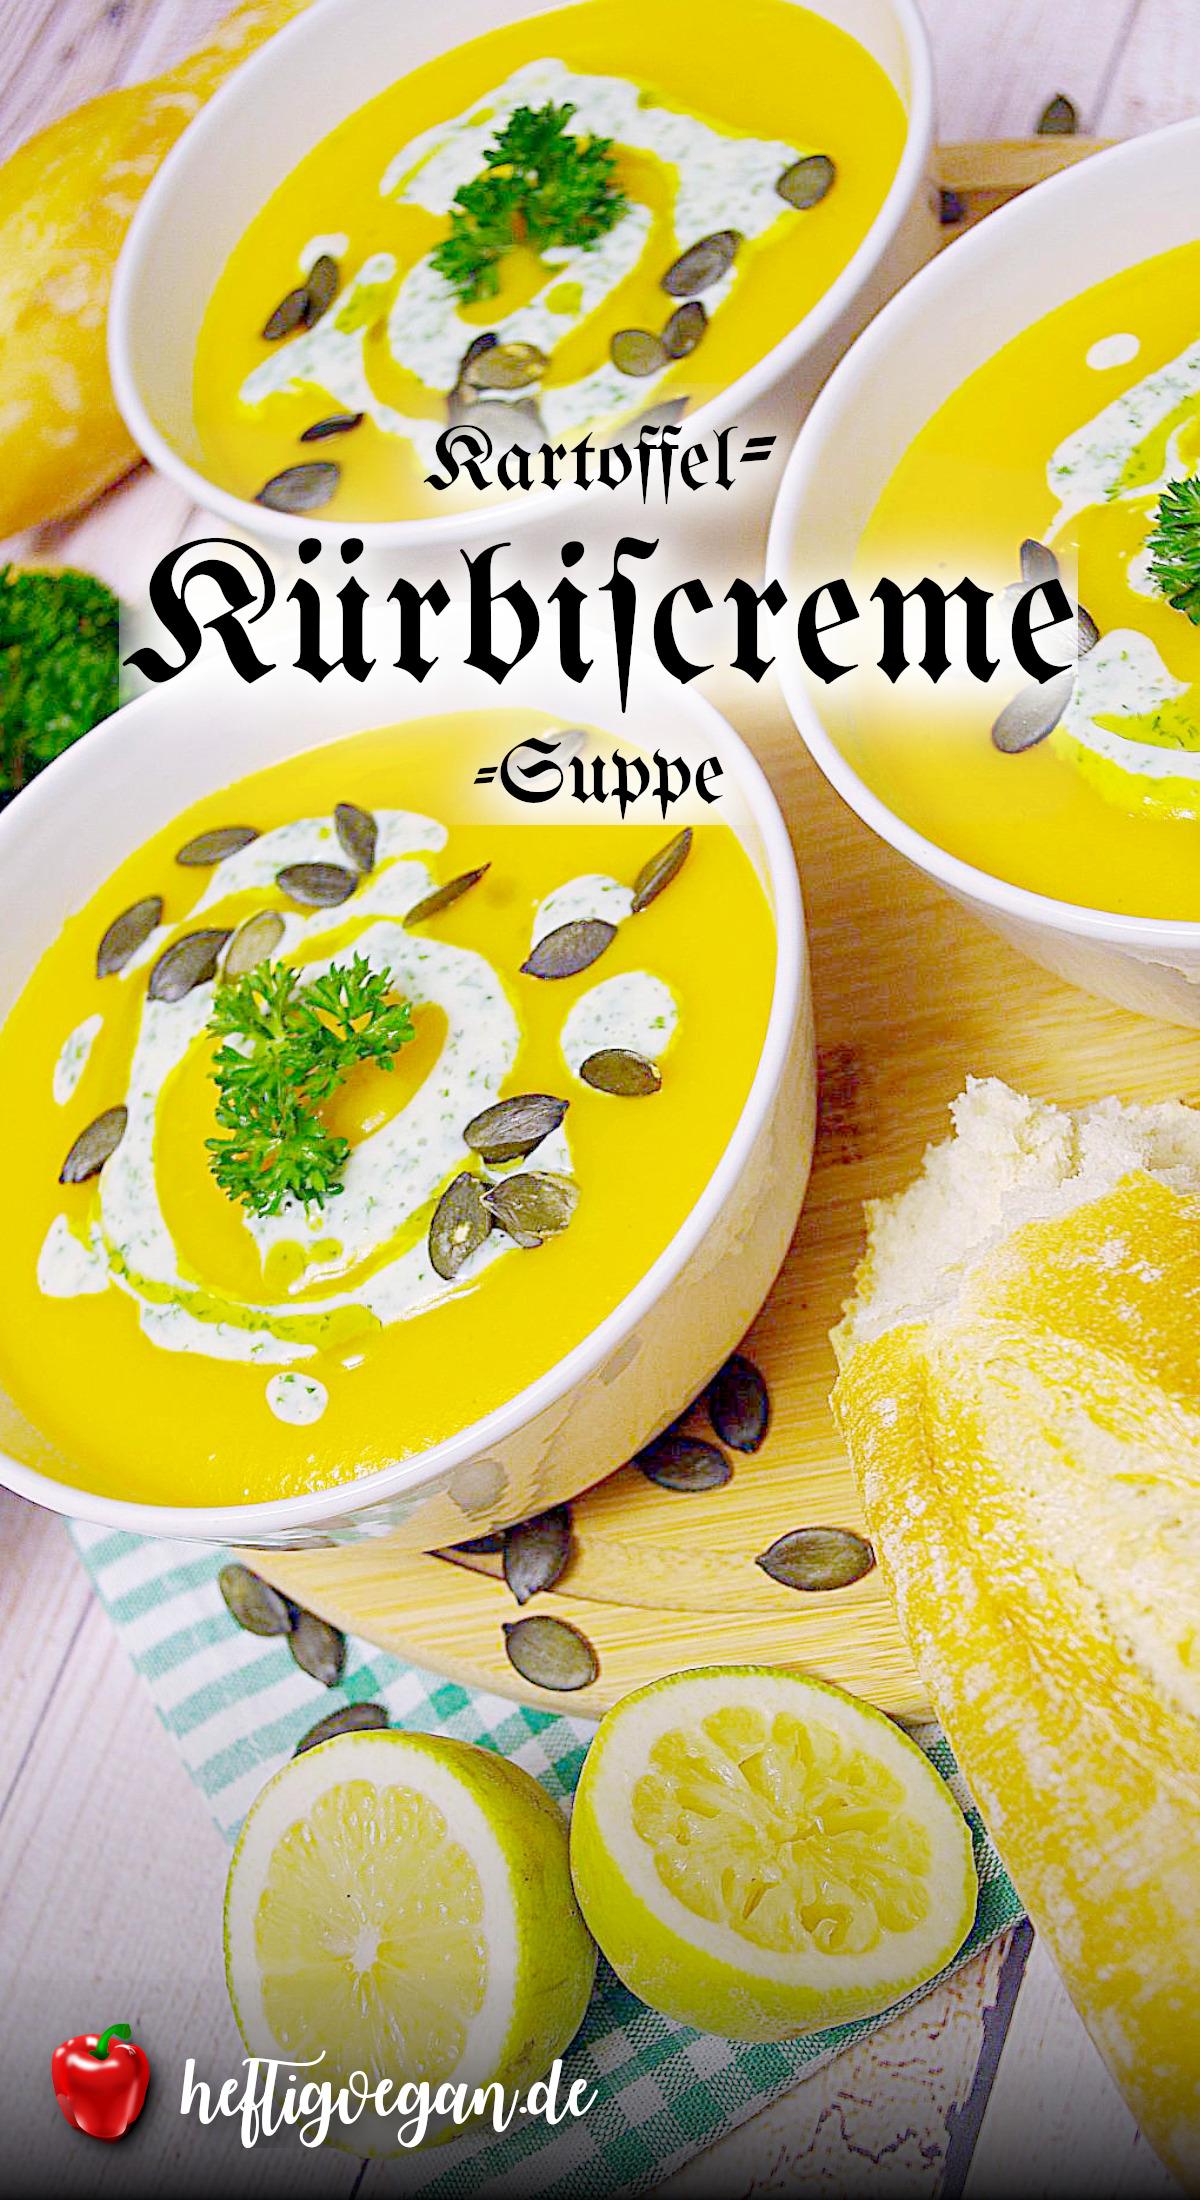 Kartoffel-Kürbiscreme-Suppe auf Pinterest